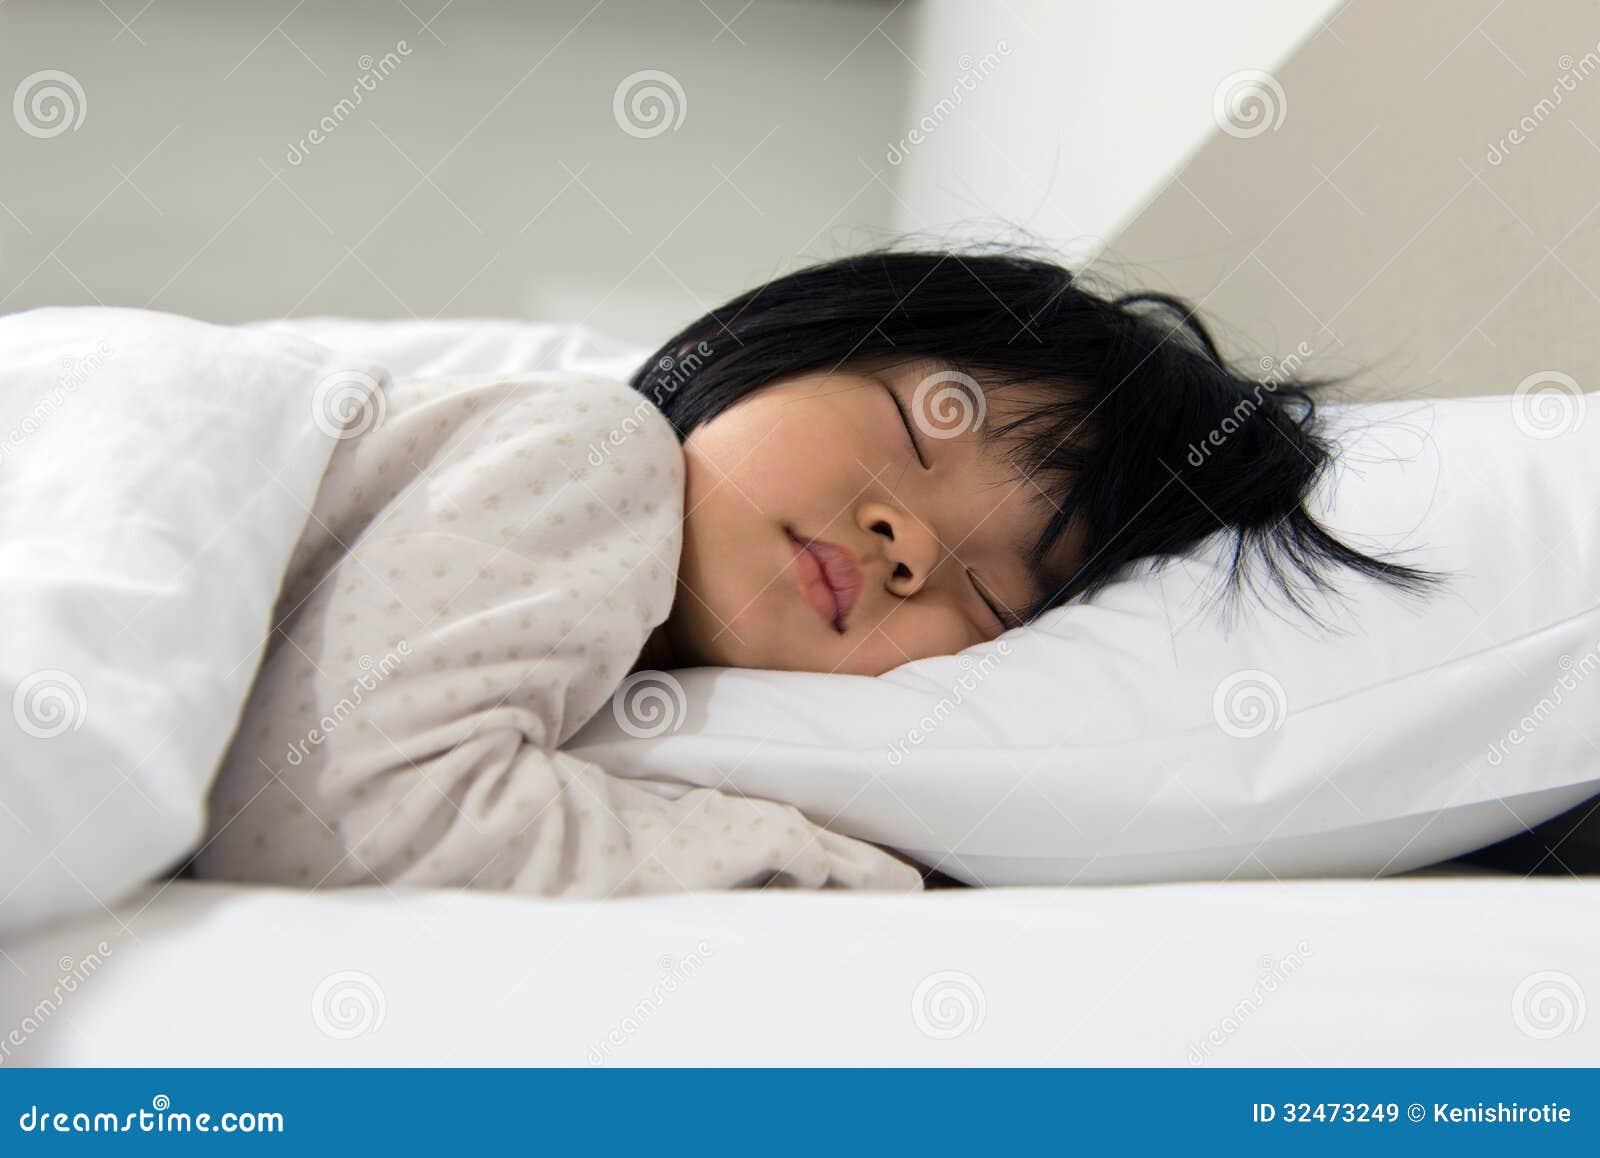 Sleeping Child Stock Image Image Of Sleep Portrait